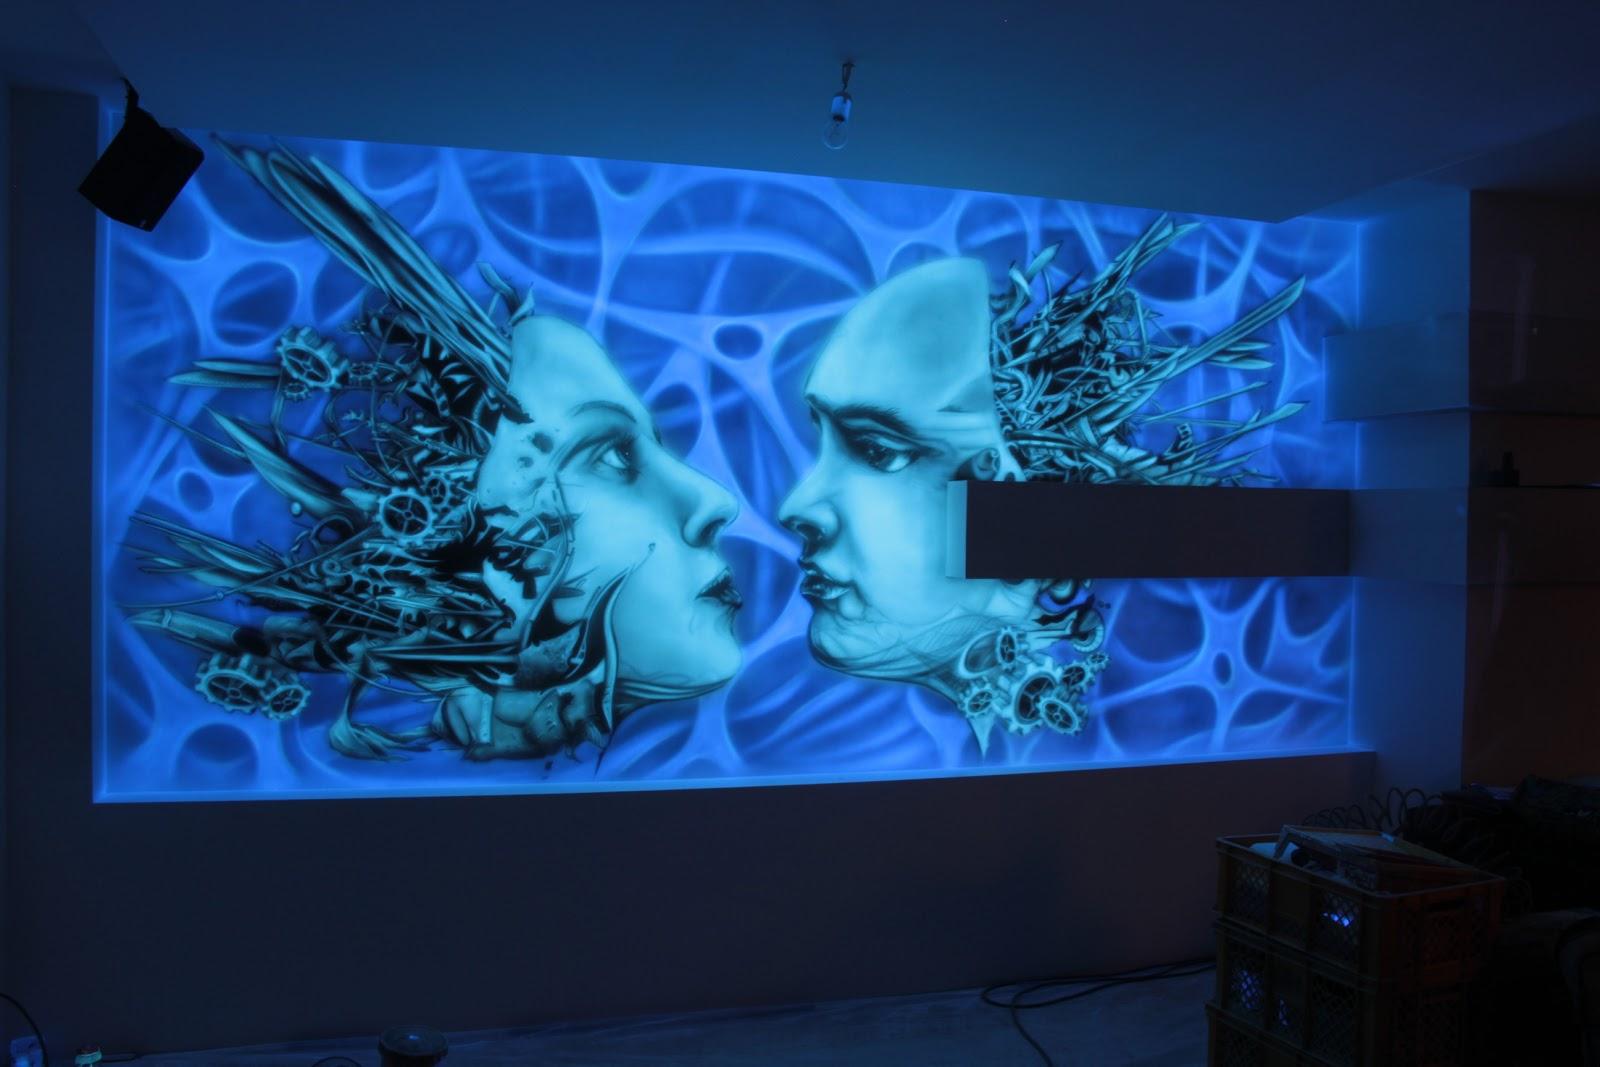 Mural UV świecący w ciemności, mural 3D, jest to biomechanika, obraz namalowany został na ścianie farbami ultrafioletowymi. Inowrocław